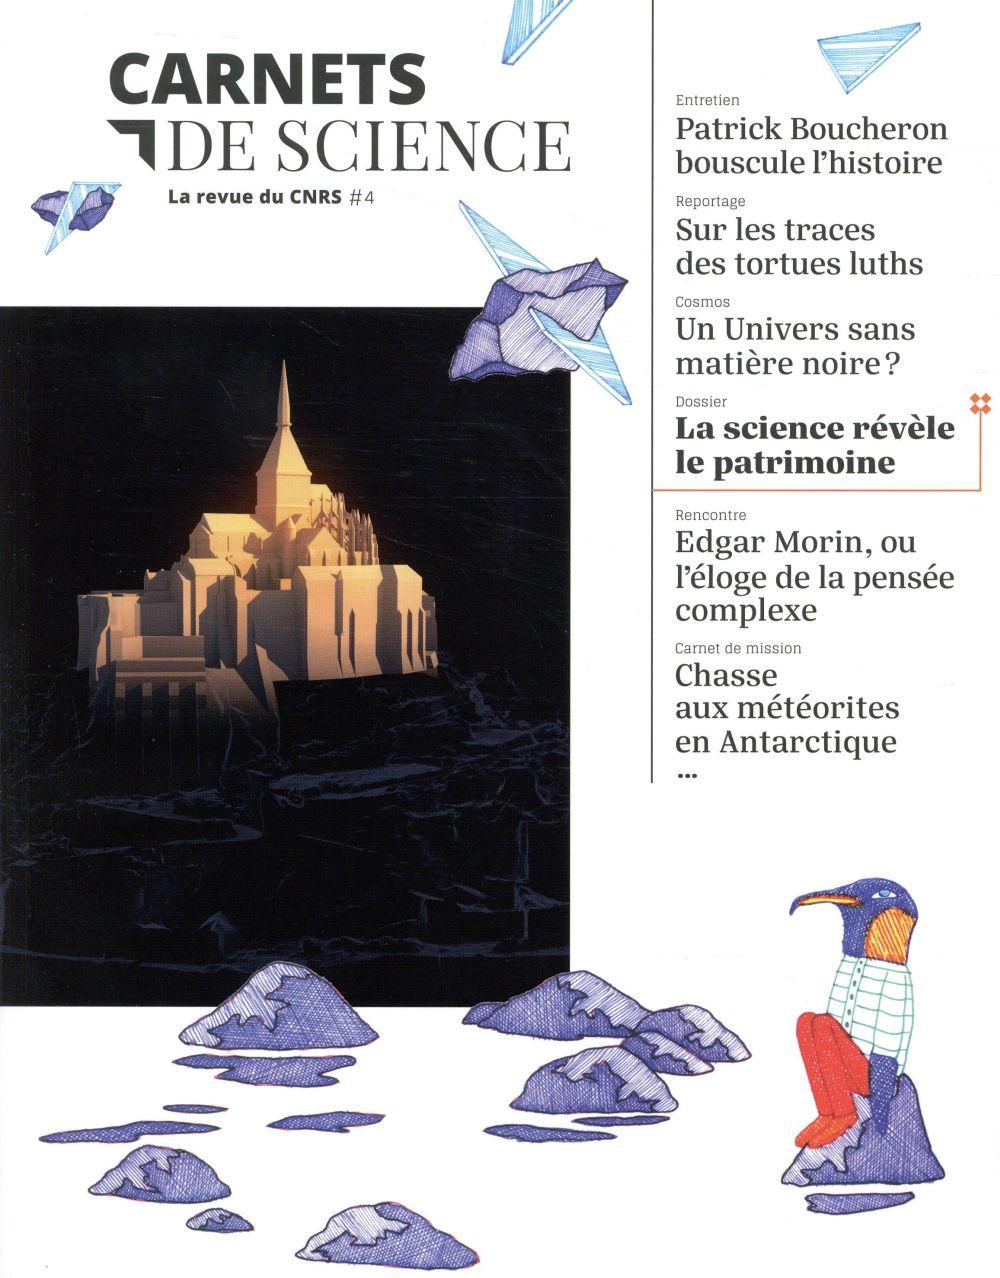 CARNETS DE SCIENCE 4 LA REVUE DU CNRS